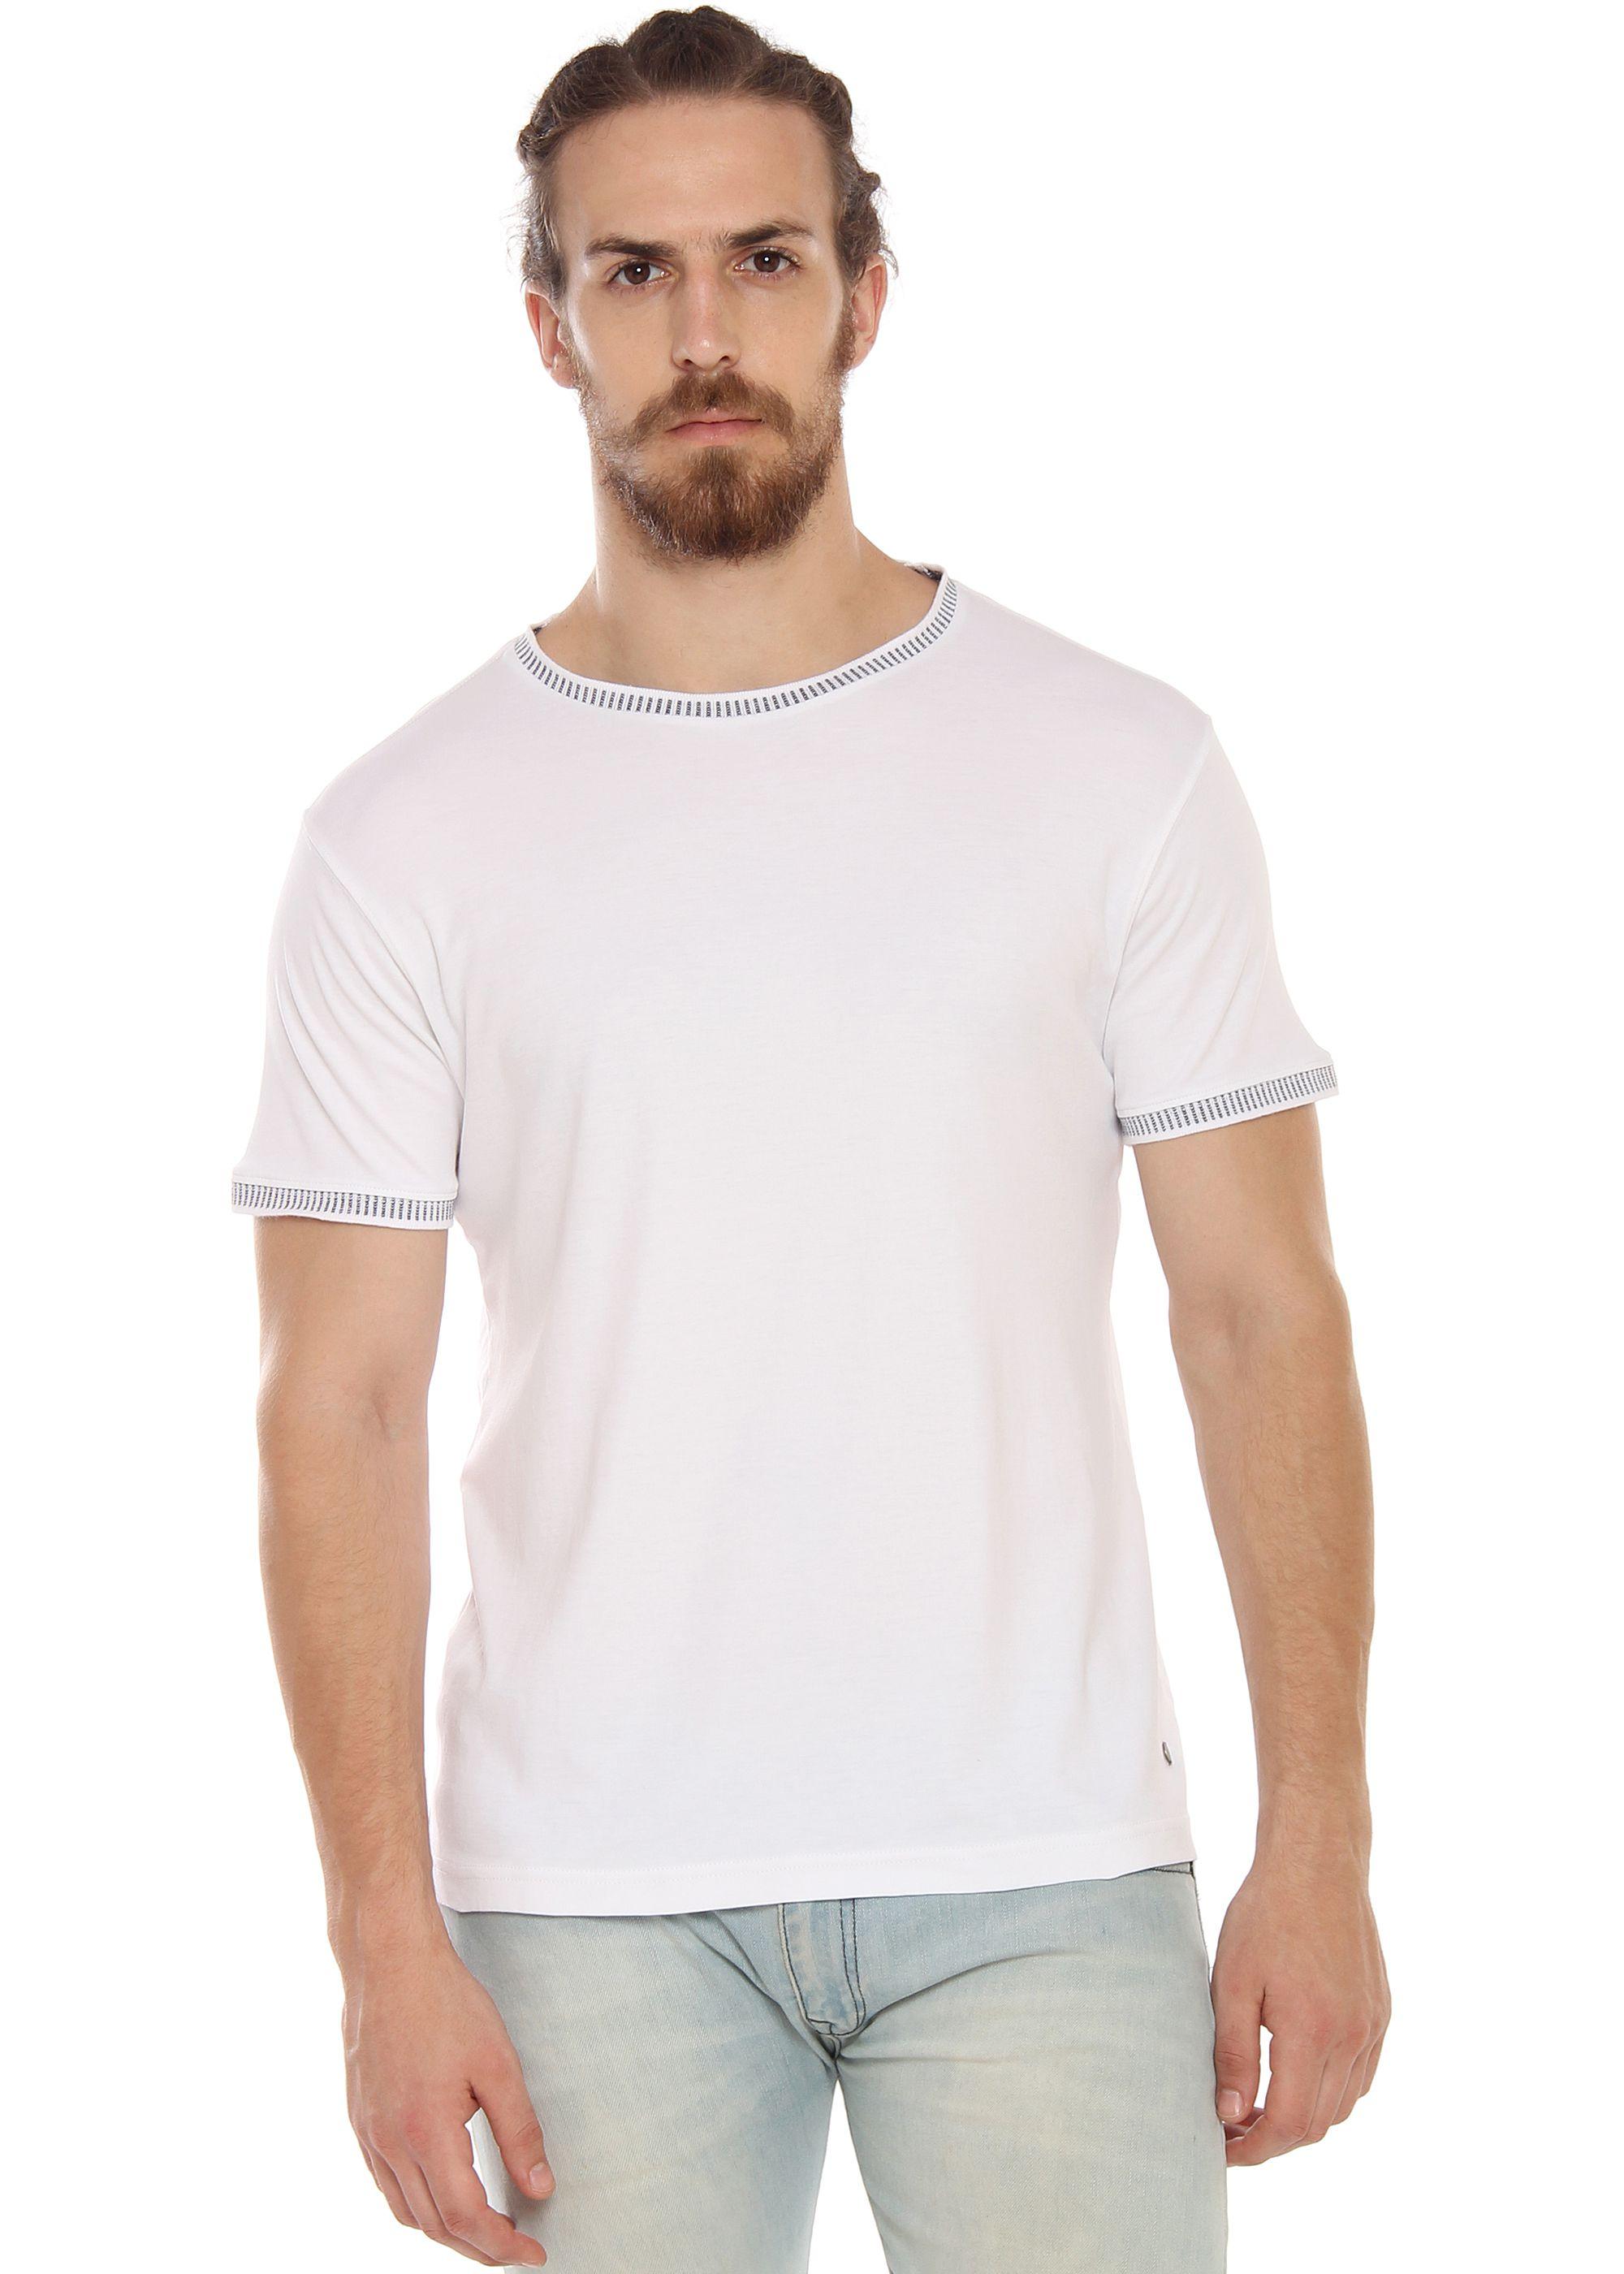 Smokestack White Round T-Shirt Pack of 1